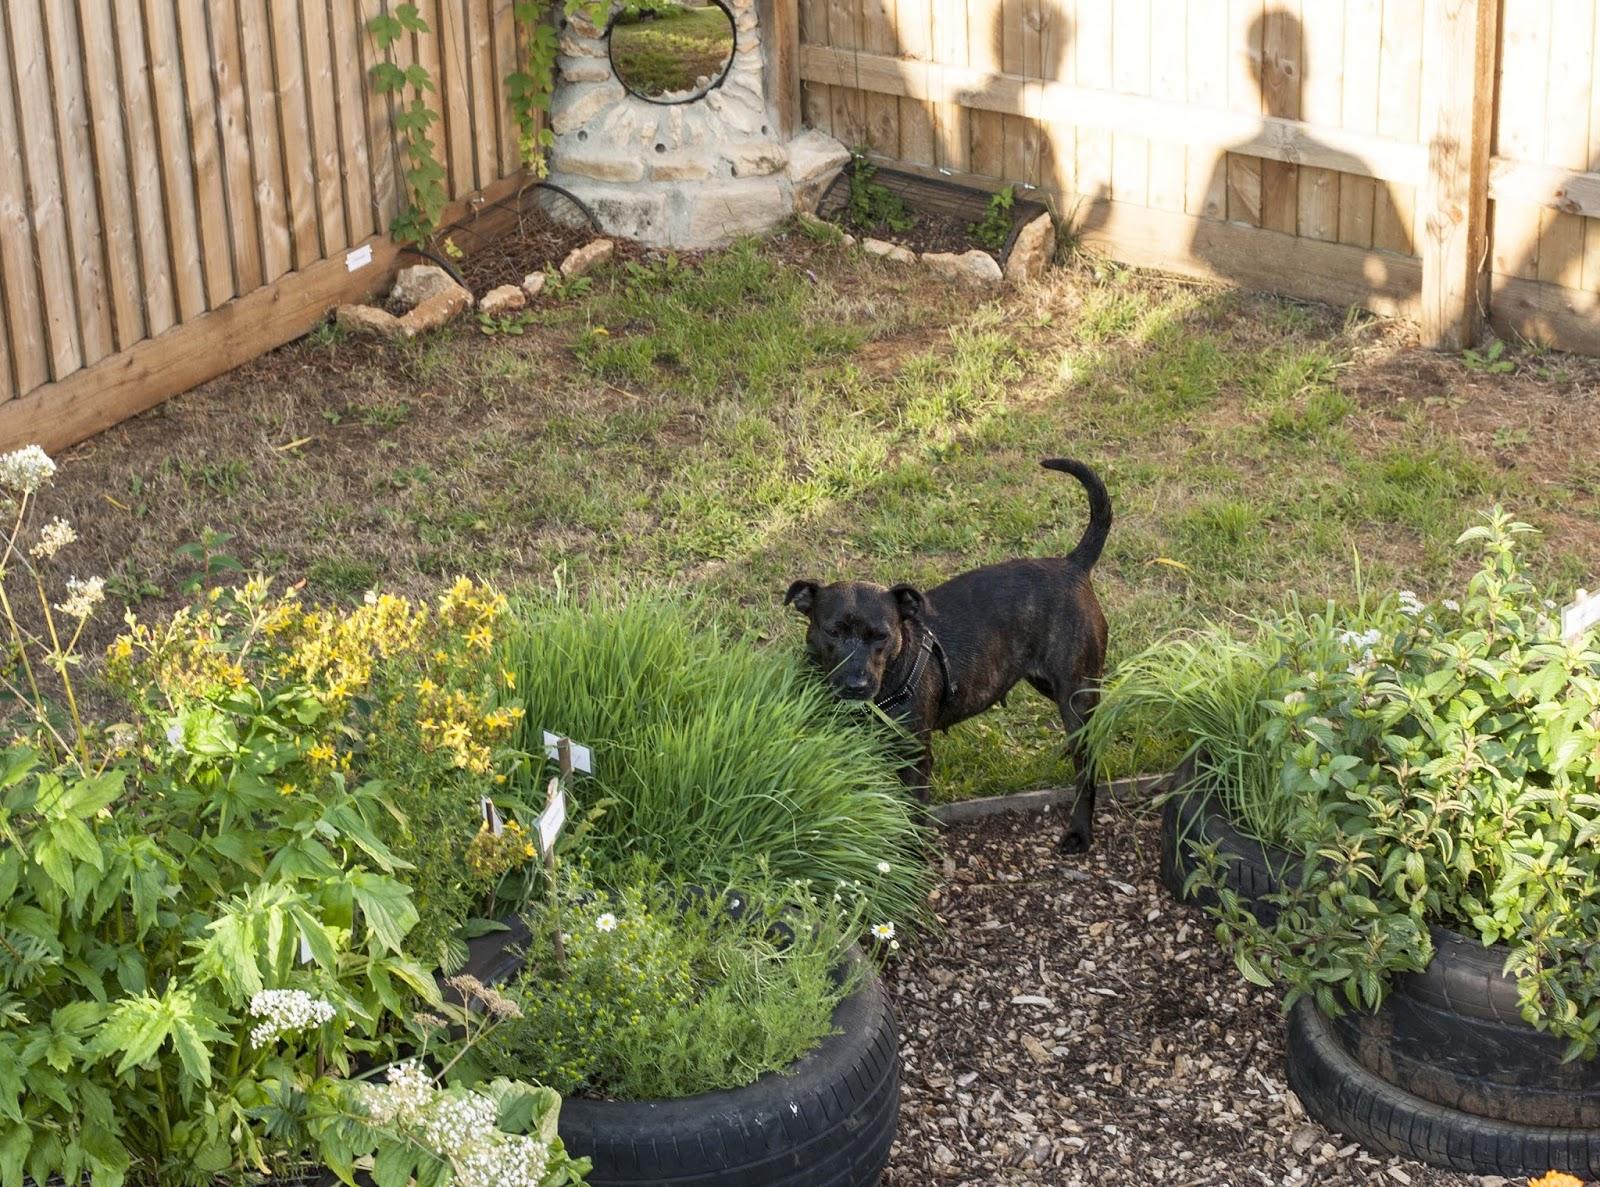 Caroline Ingraham: Sensory garden now open